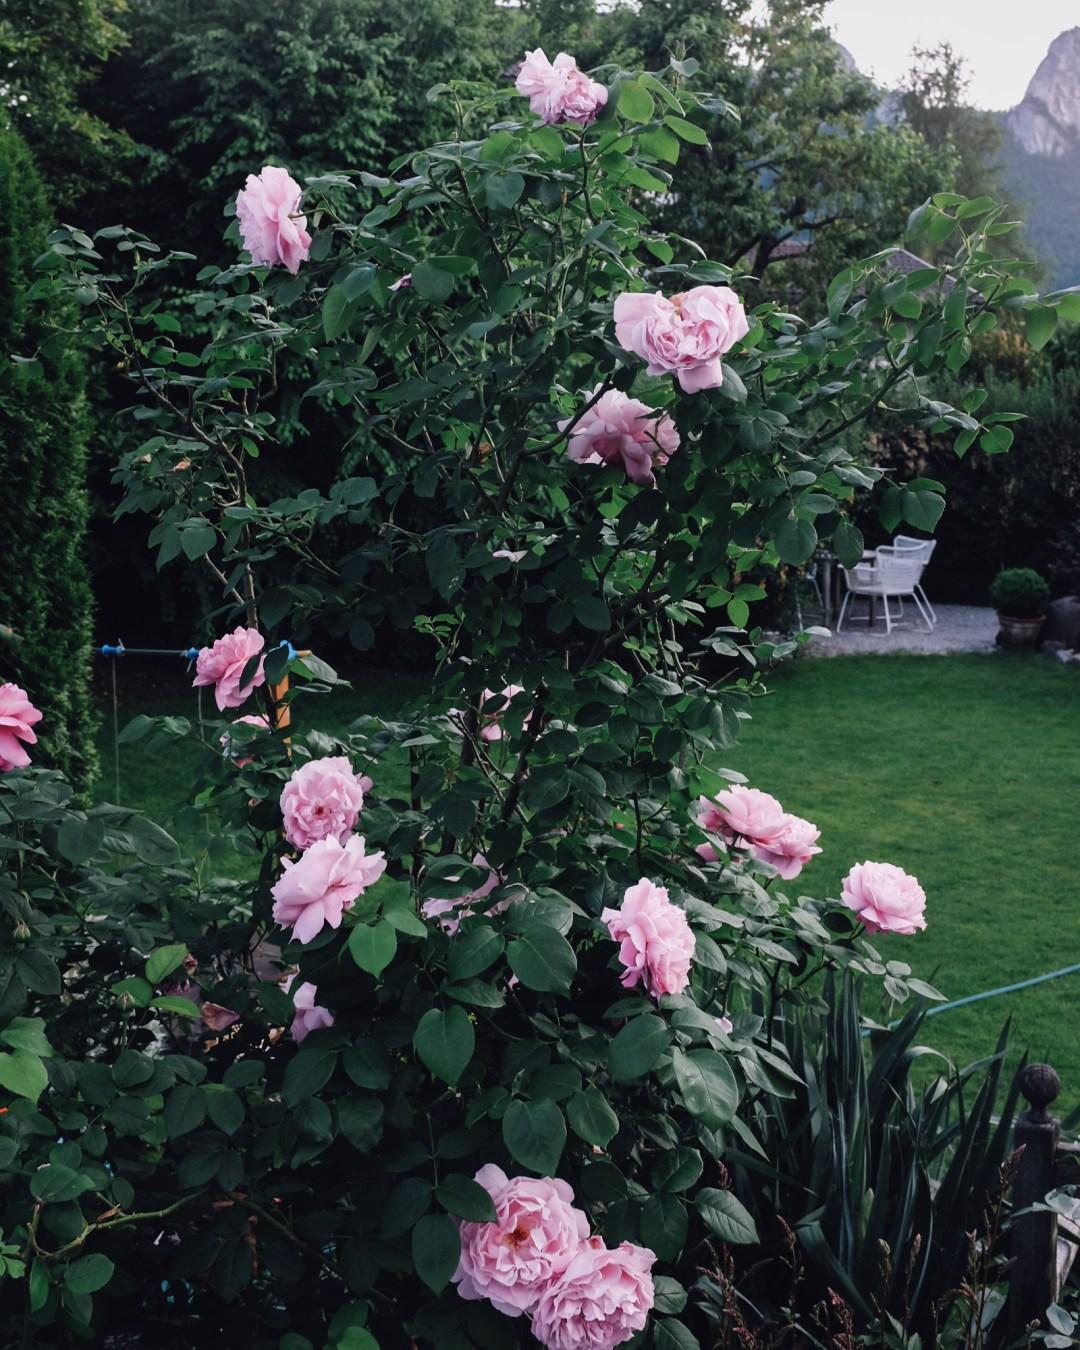 inastil, over50blogger, rosen, historische rosen, garten, sommergarten, rosengarten, gartenliebe, holler, holunder, holundersirsup, hugo, sommerabend, rosenliebe, haus und garten, rosenstrauß-7